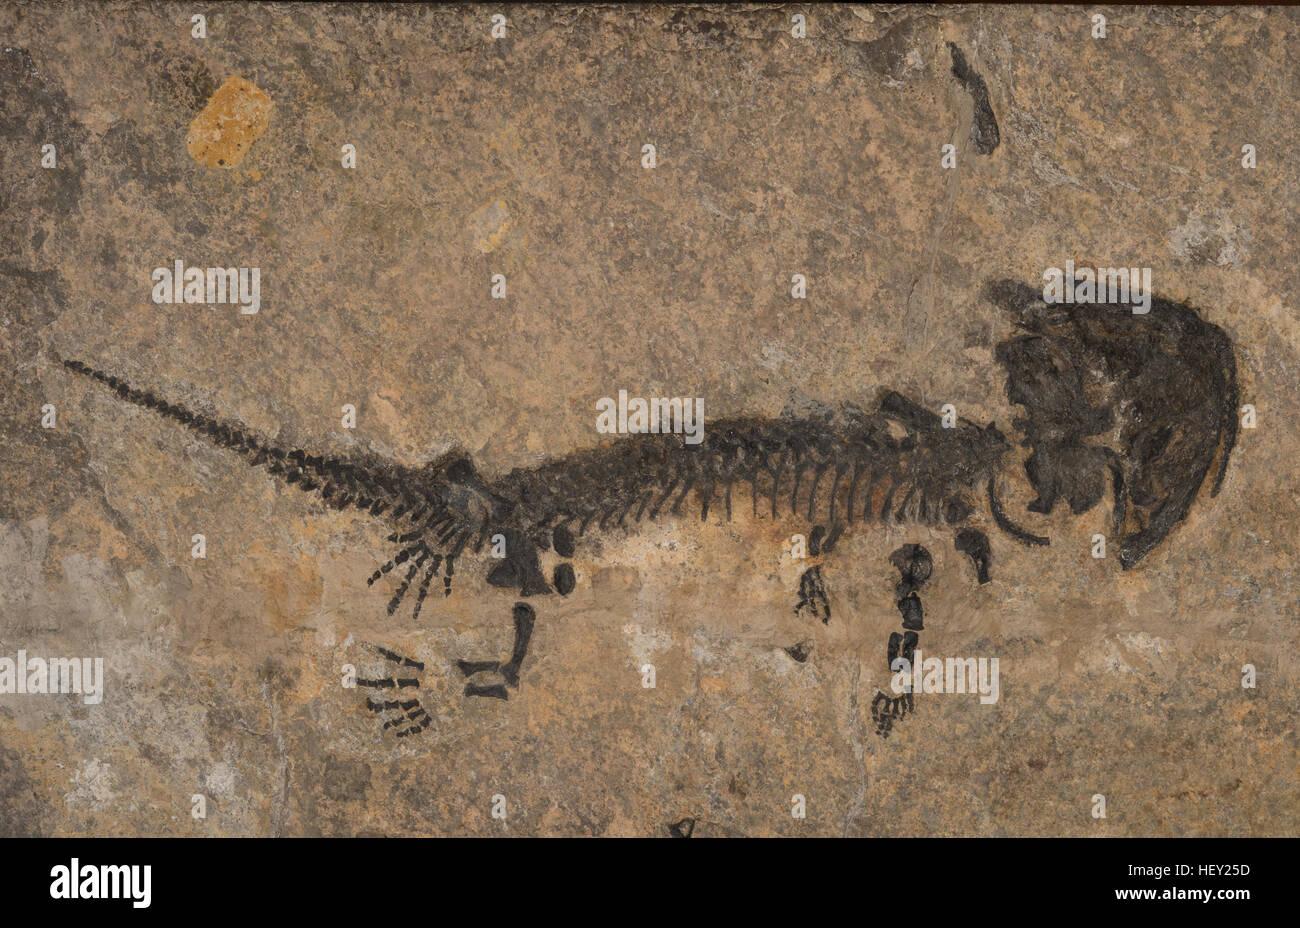 Fossil stem-tetrapod, Discosauriscus pulcherrimus, Discosauriscidae, Cenomanian Layers, Permian Period, Boskovice - Stock Image